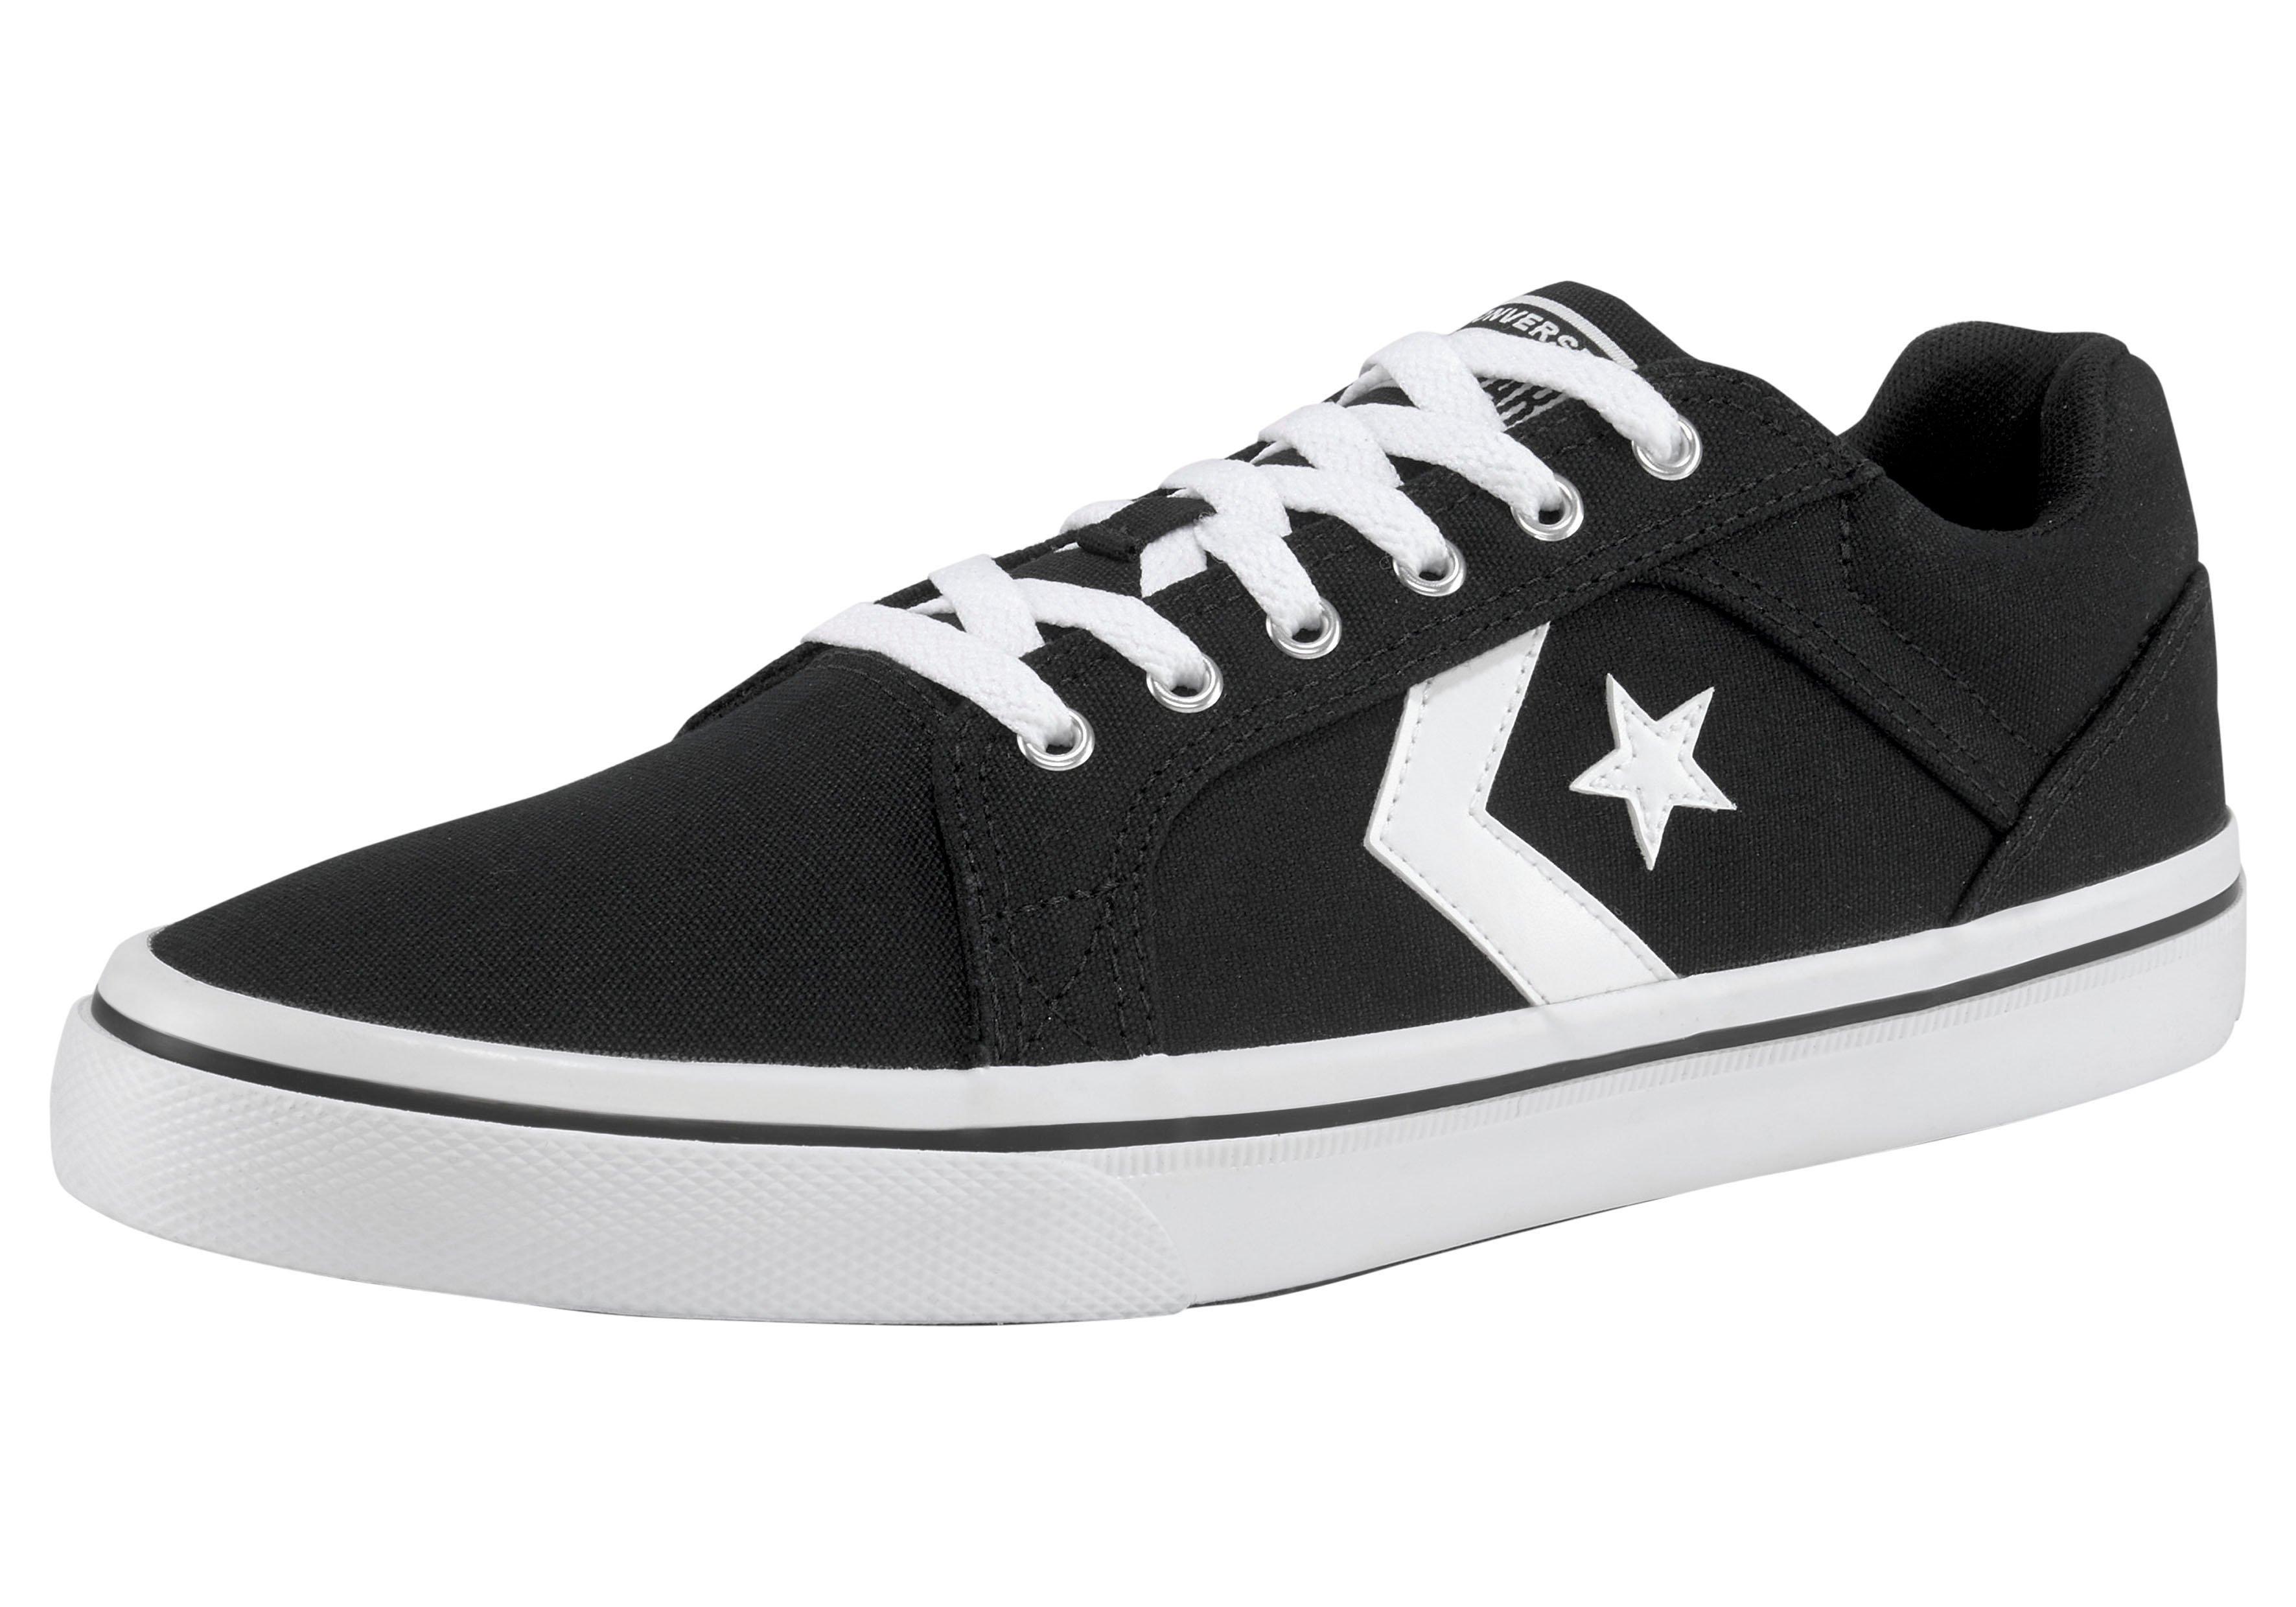 Converse sneakers EL DISTRITO 2.0 CANVAS - gratis ruilen op otto.nl